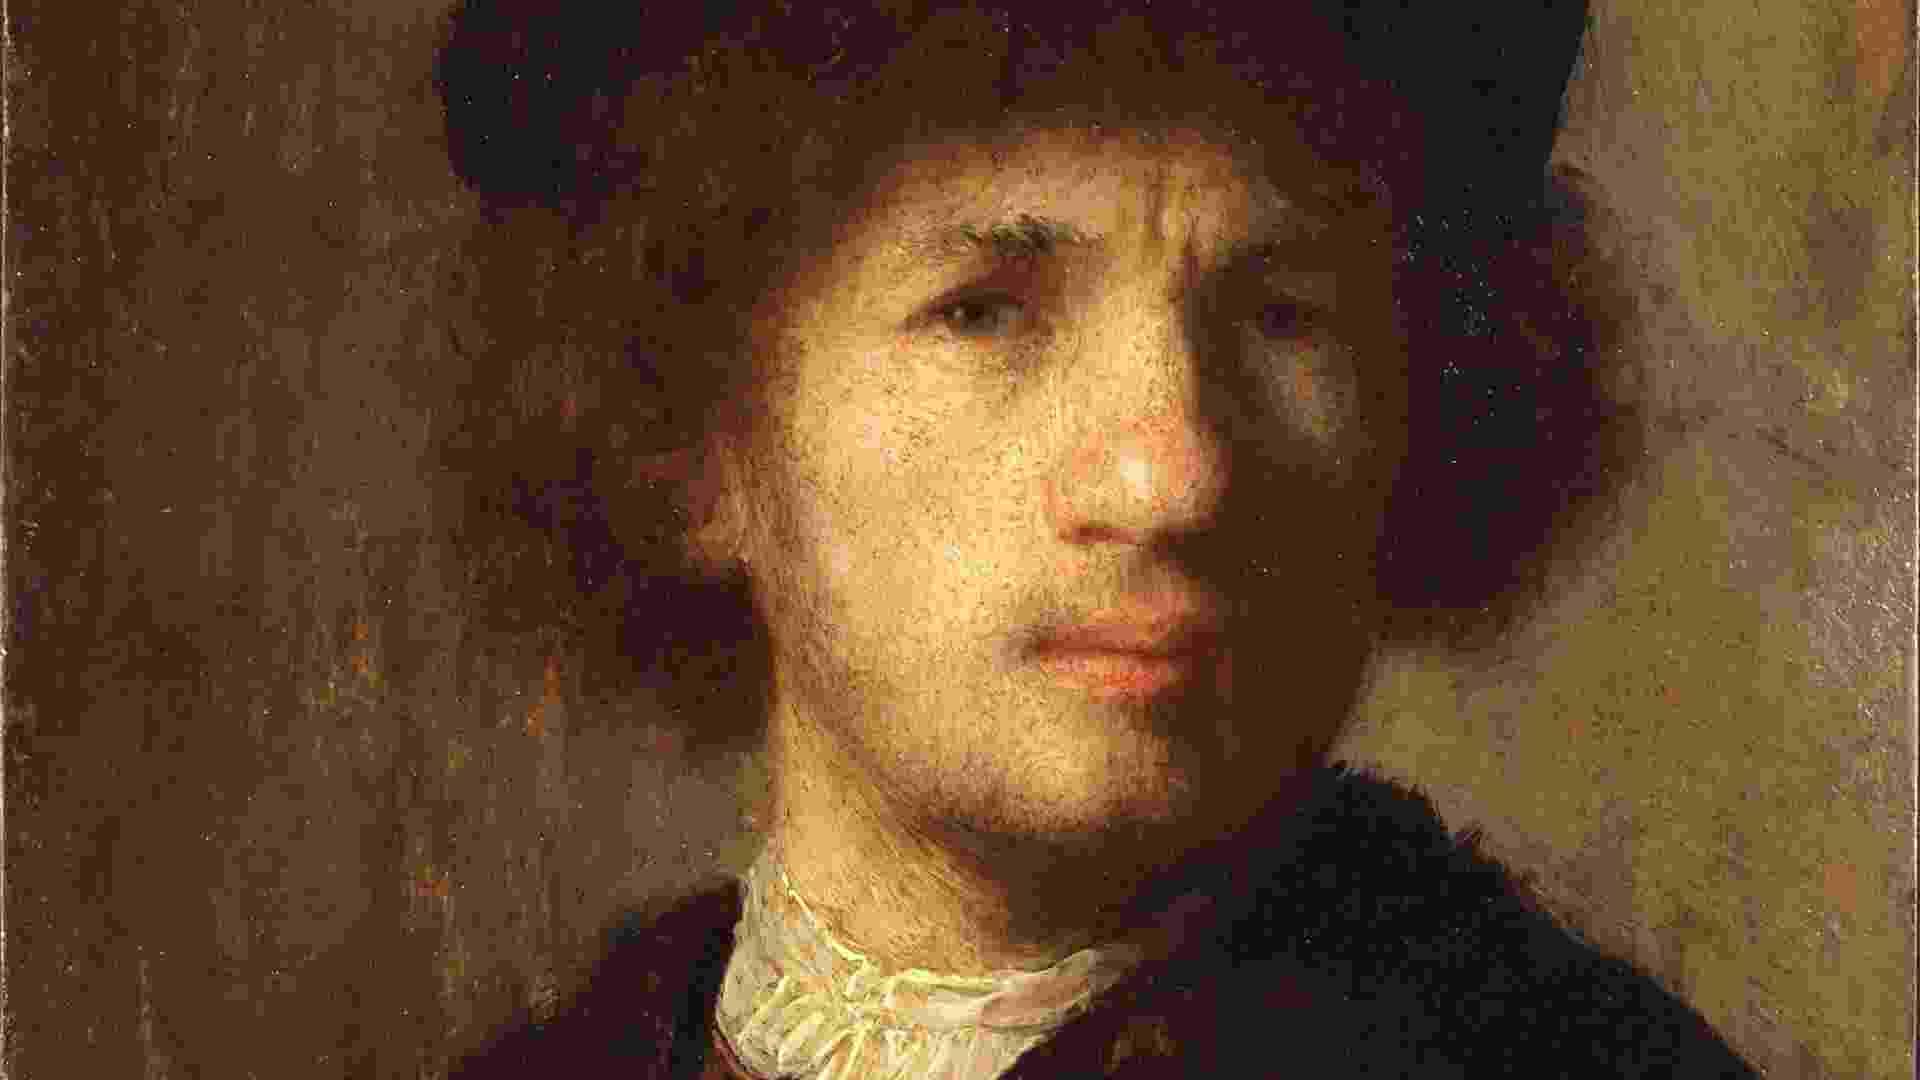 Auto-retrato do mestre holandês Rembrandt, roubado do Museu Nacional da Suécia em assalto armado ocorrido em 22 de dezembro de 2000, em Estocolmo, na Suécia. A obra está avaliada em 250 milhões de coroas dinamarquesas (41 milhões de dólares, 33,5 milhões de euros). Além dela, duas pinturas de impressionista francês Pierre-Auguste Renoir foram roubadas no mesmo assalto. - Divulgação